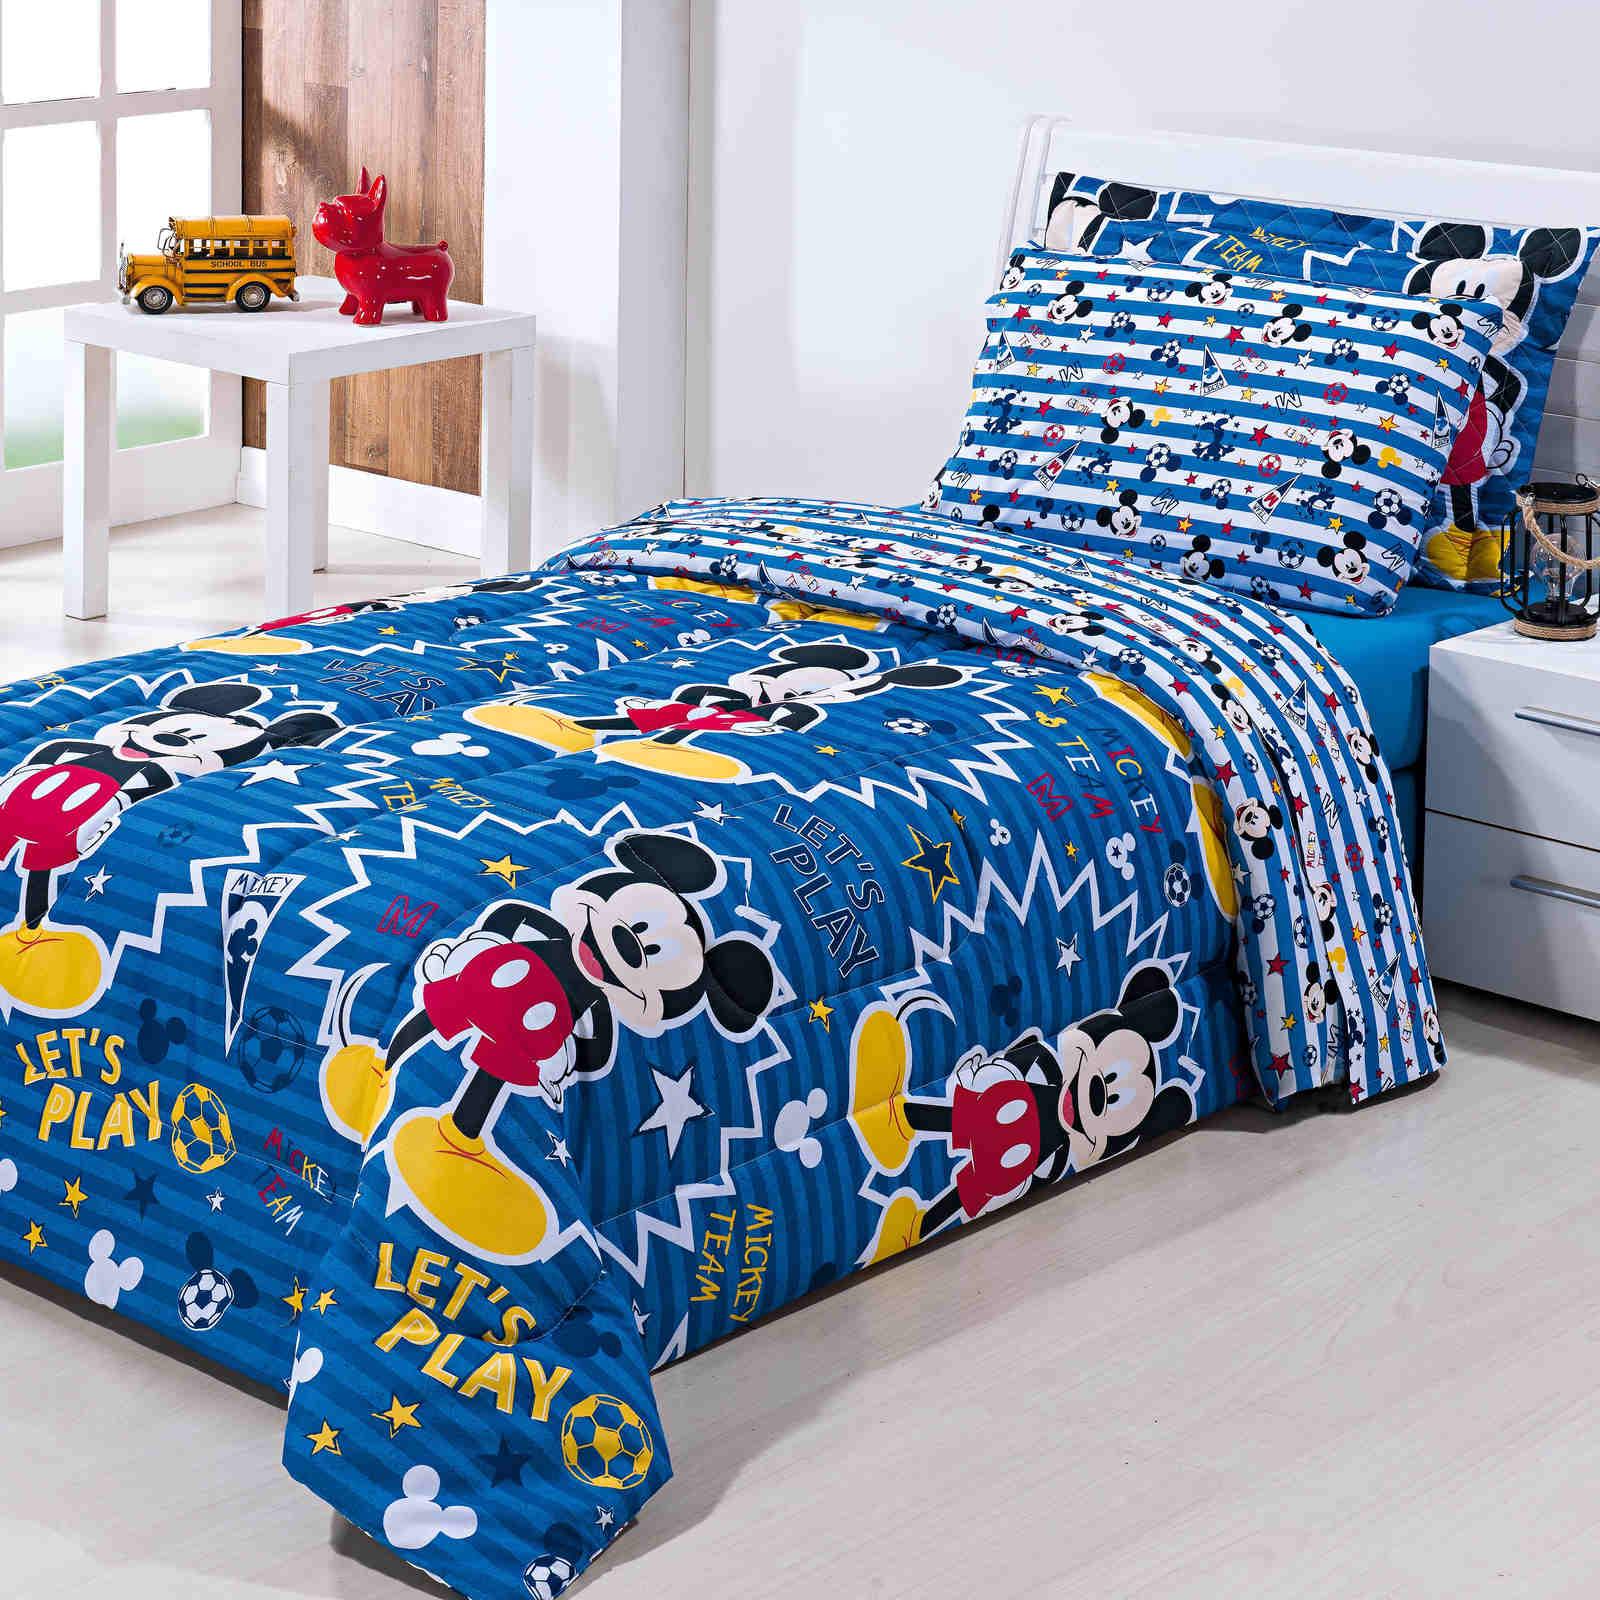 Edredom Solteiro Mickey Infantil Algodão Misto Disney Azul Dupla Face Macio Avulso 1 Peça